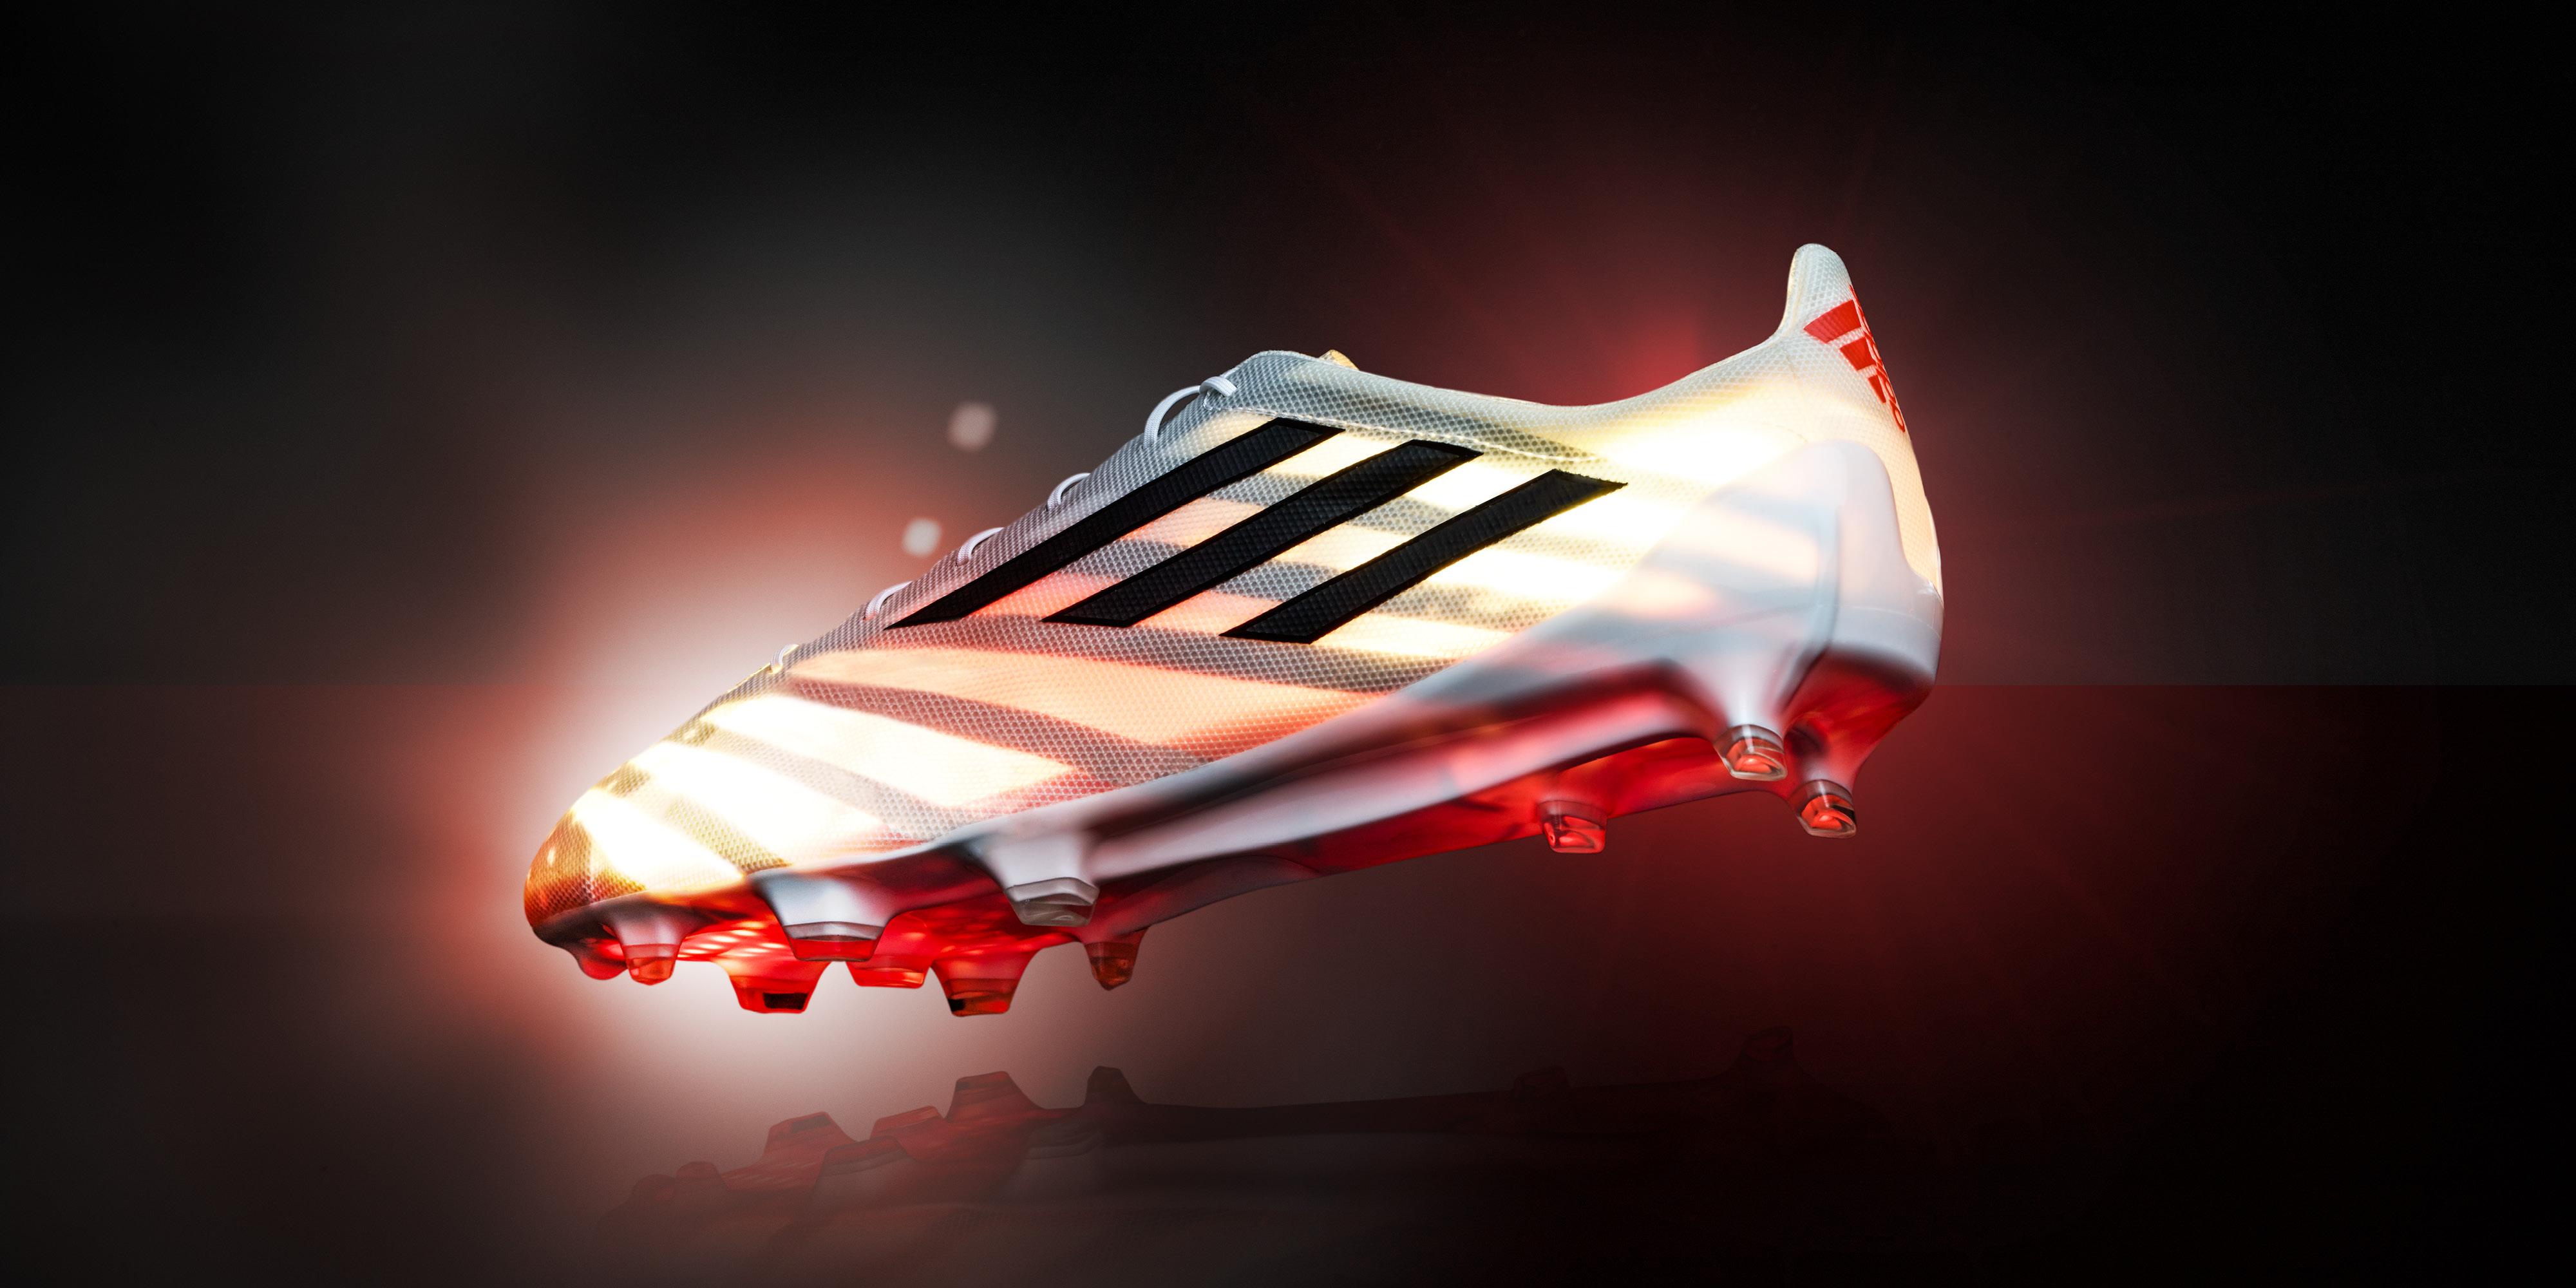 La scarpa da calcio più leggera di sempre: Adidas lancia la